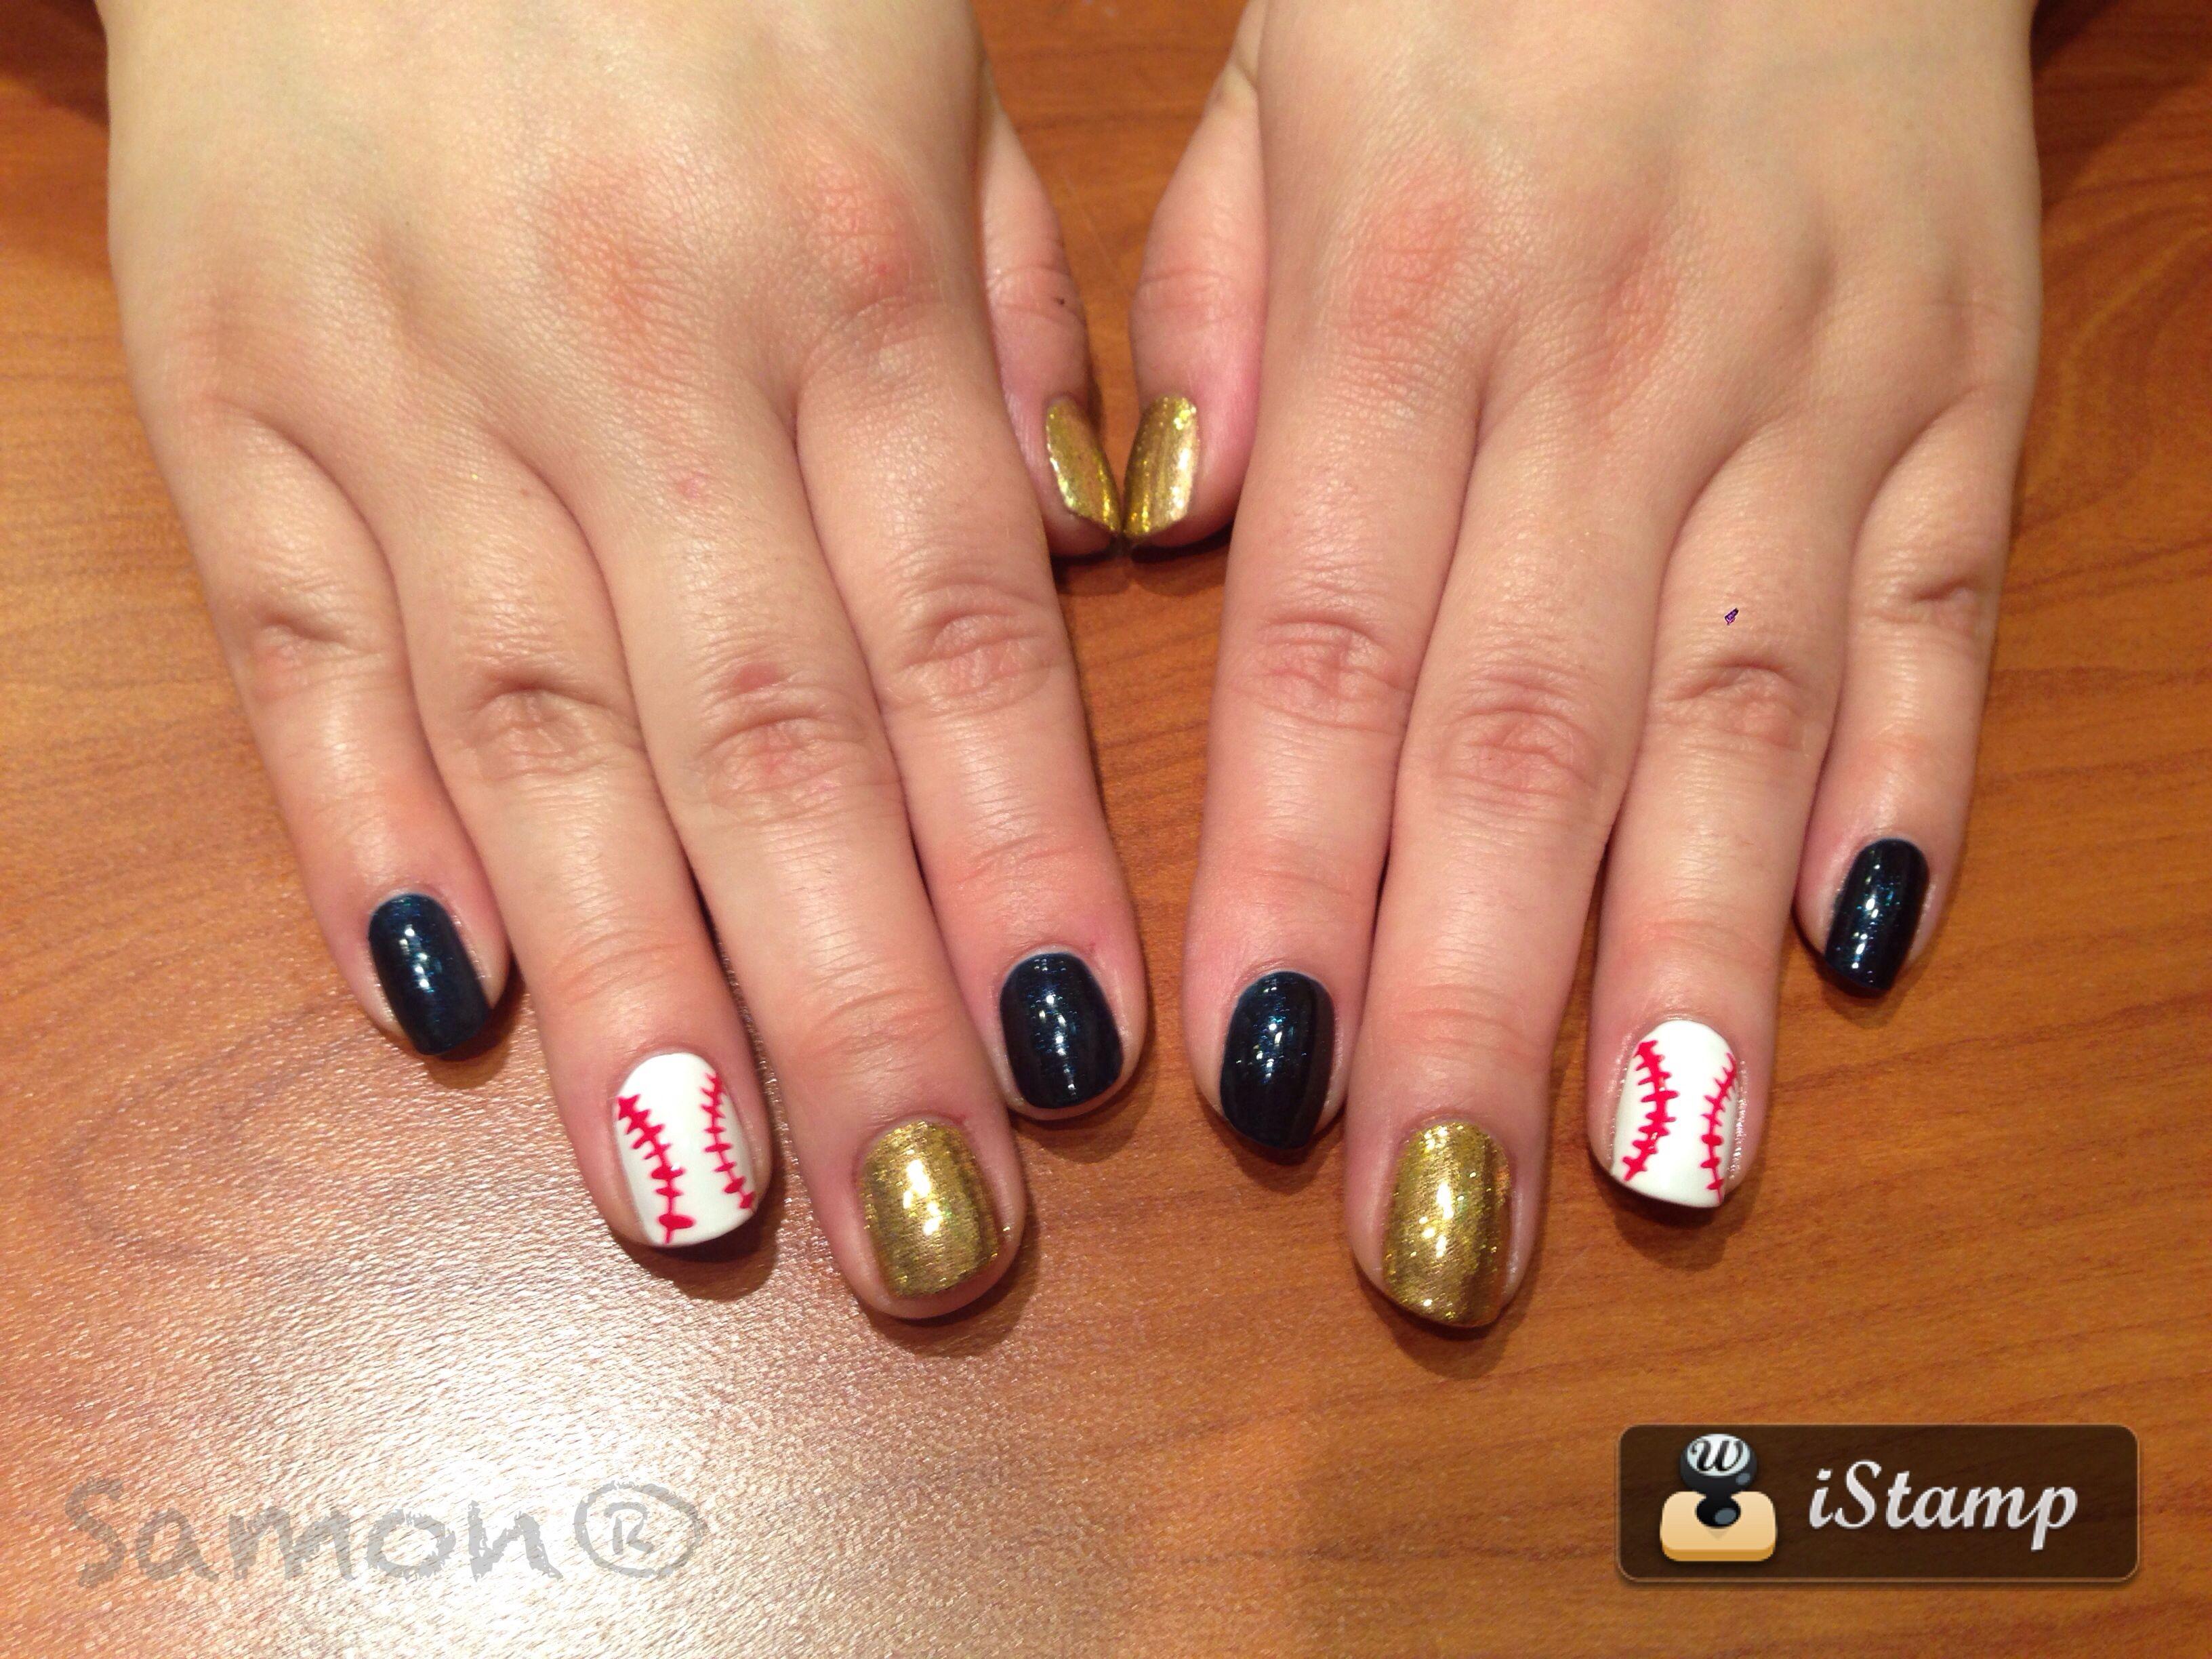 Brewers nail art by samon   Hair & Nails by Samon   Pinterest   Nail ...